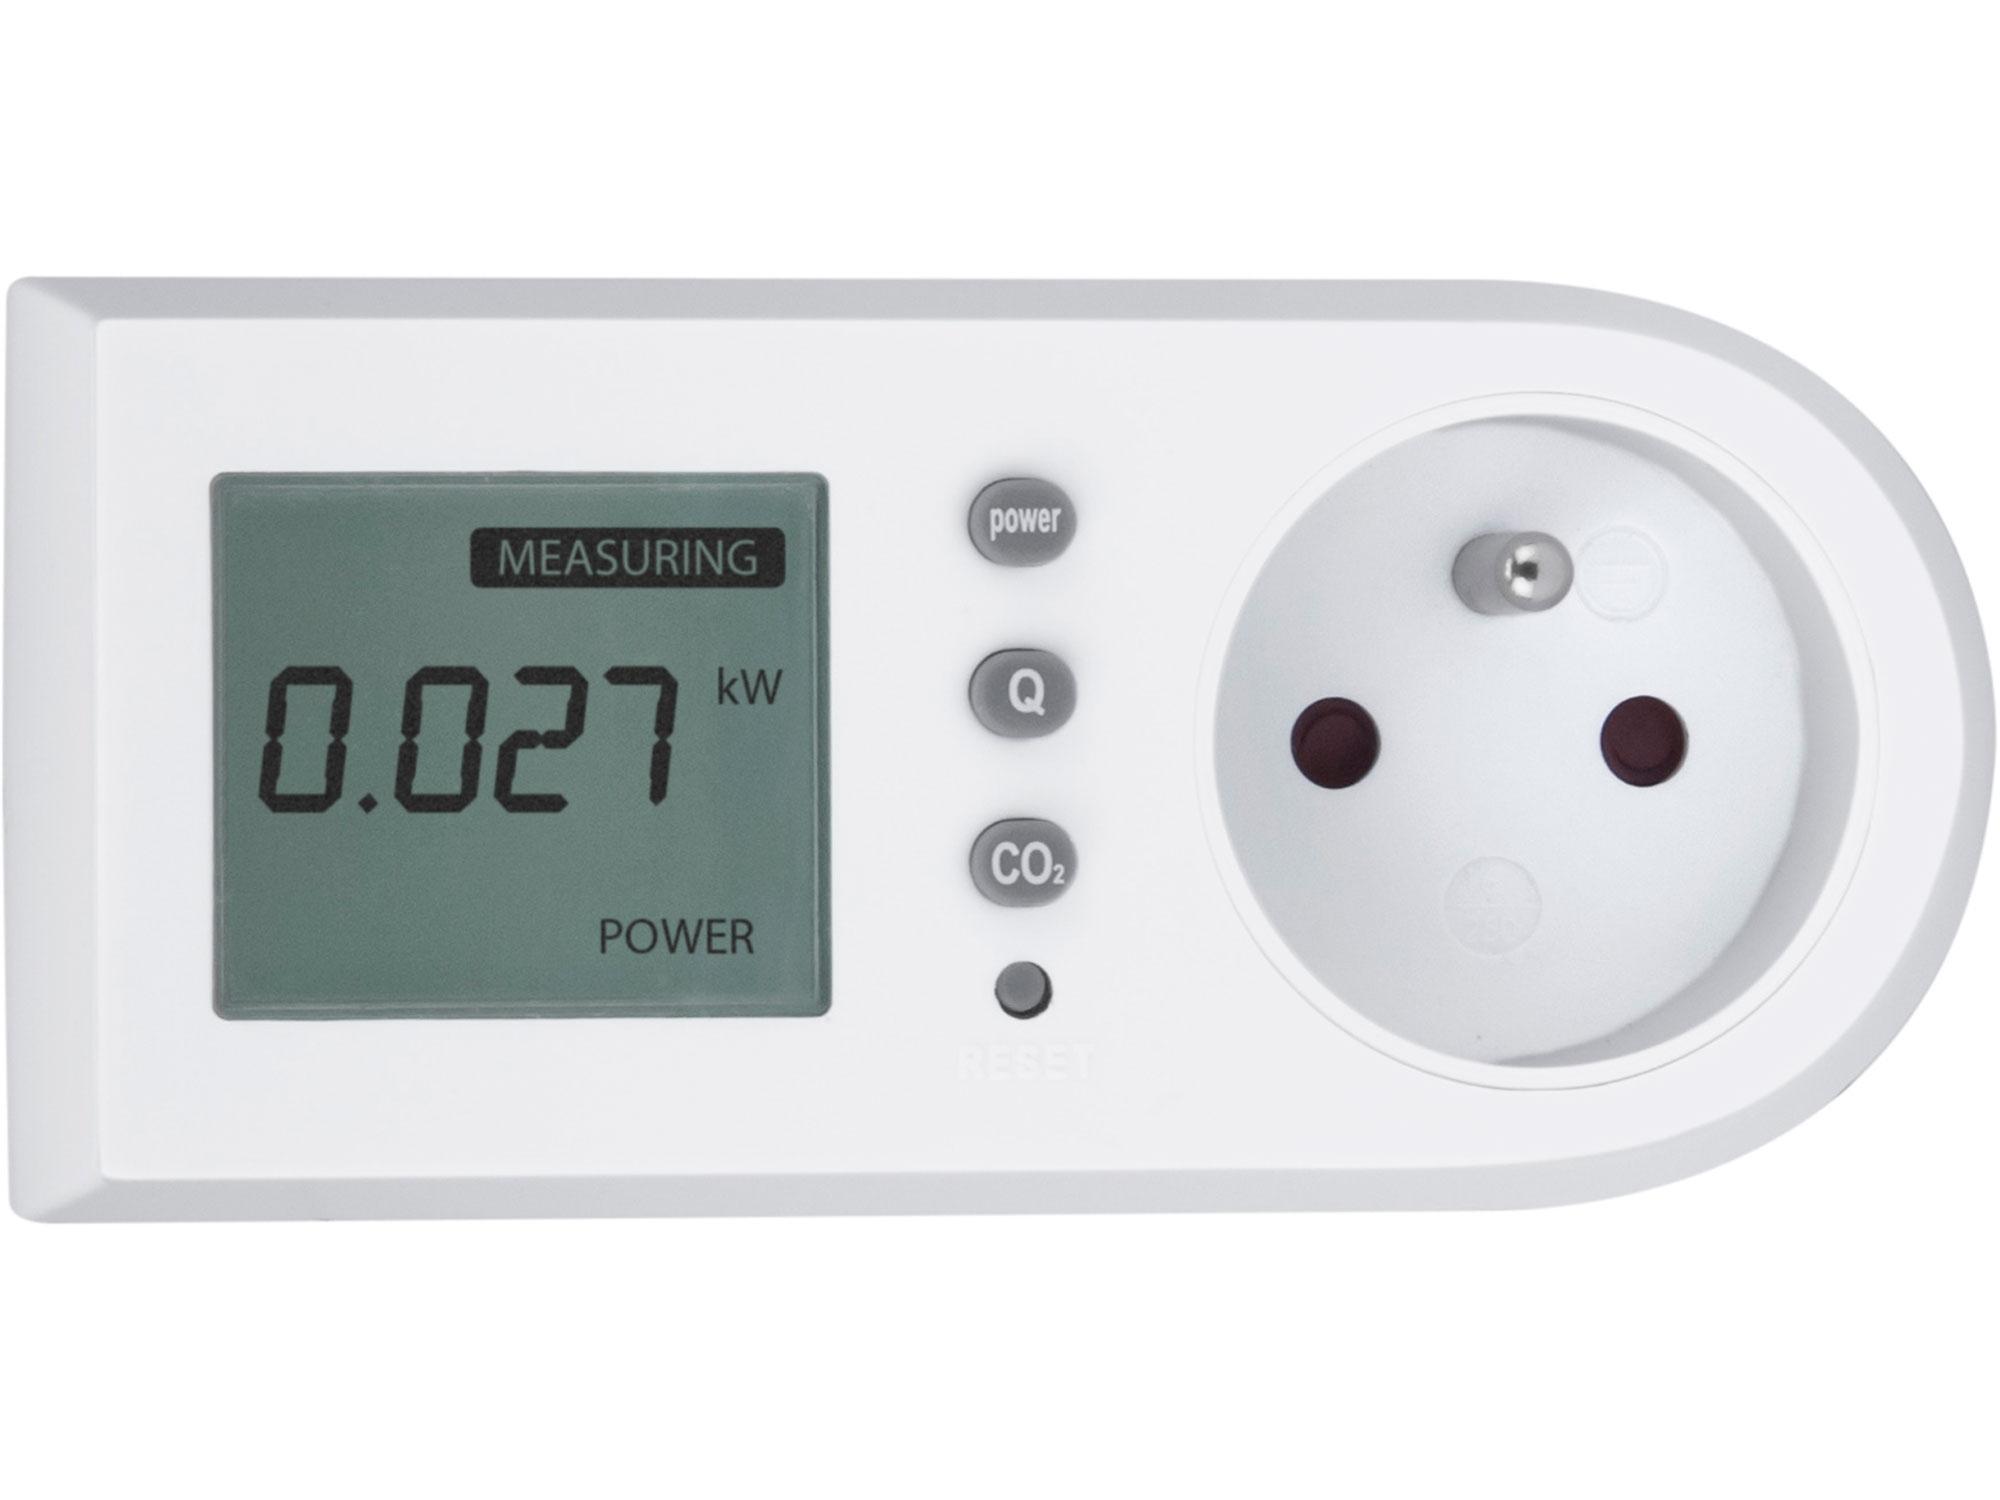 měřič spotřeby el. energie - wattmetr, měří kW, kWh, CO2, EXTOL LIGHT 43900